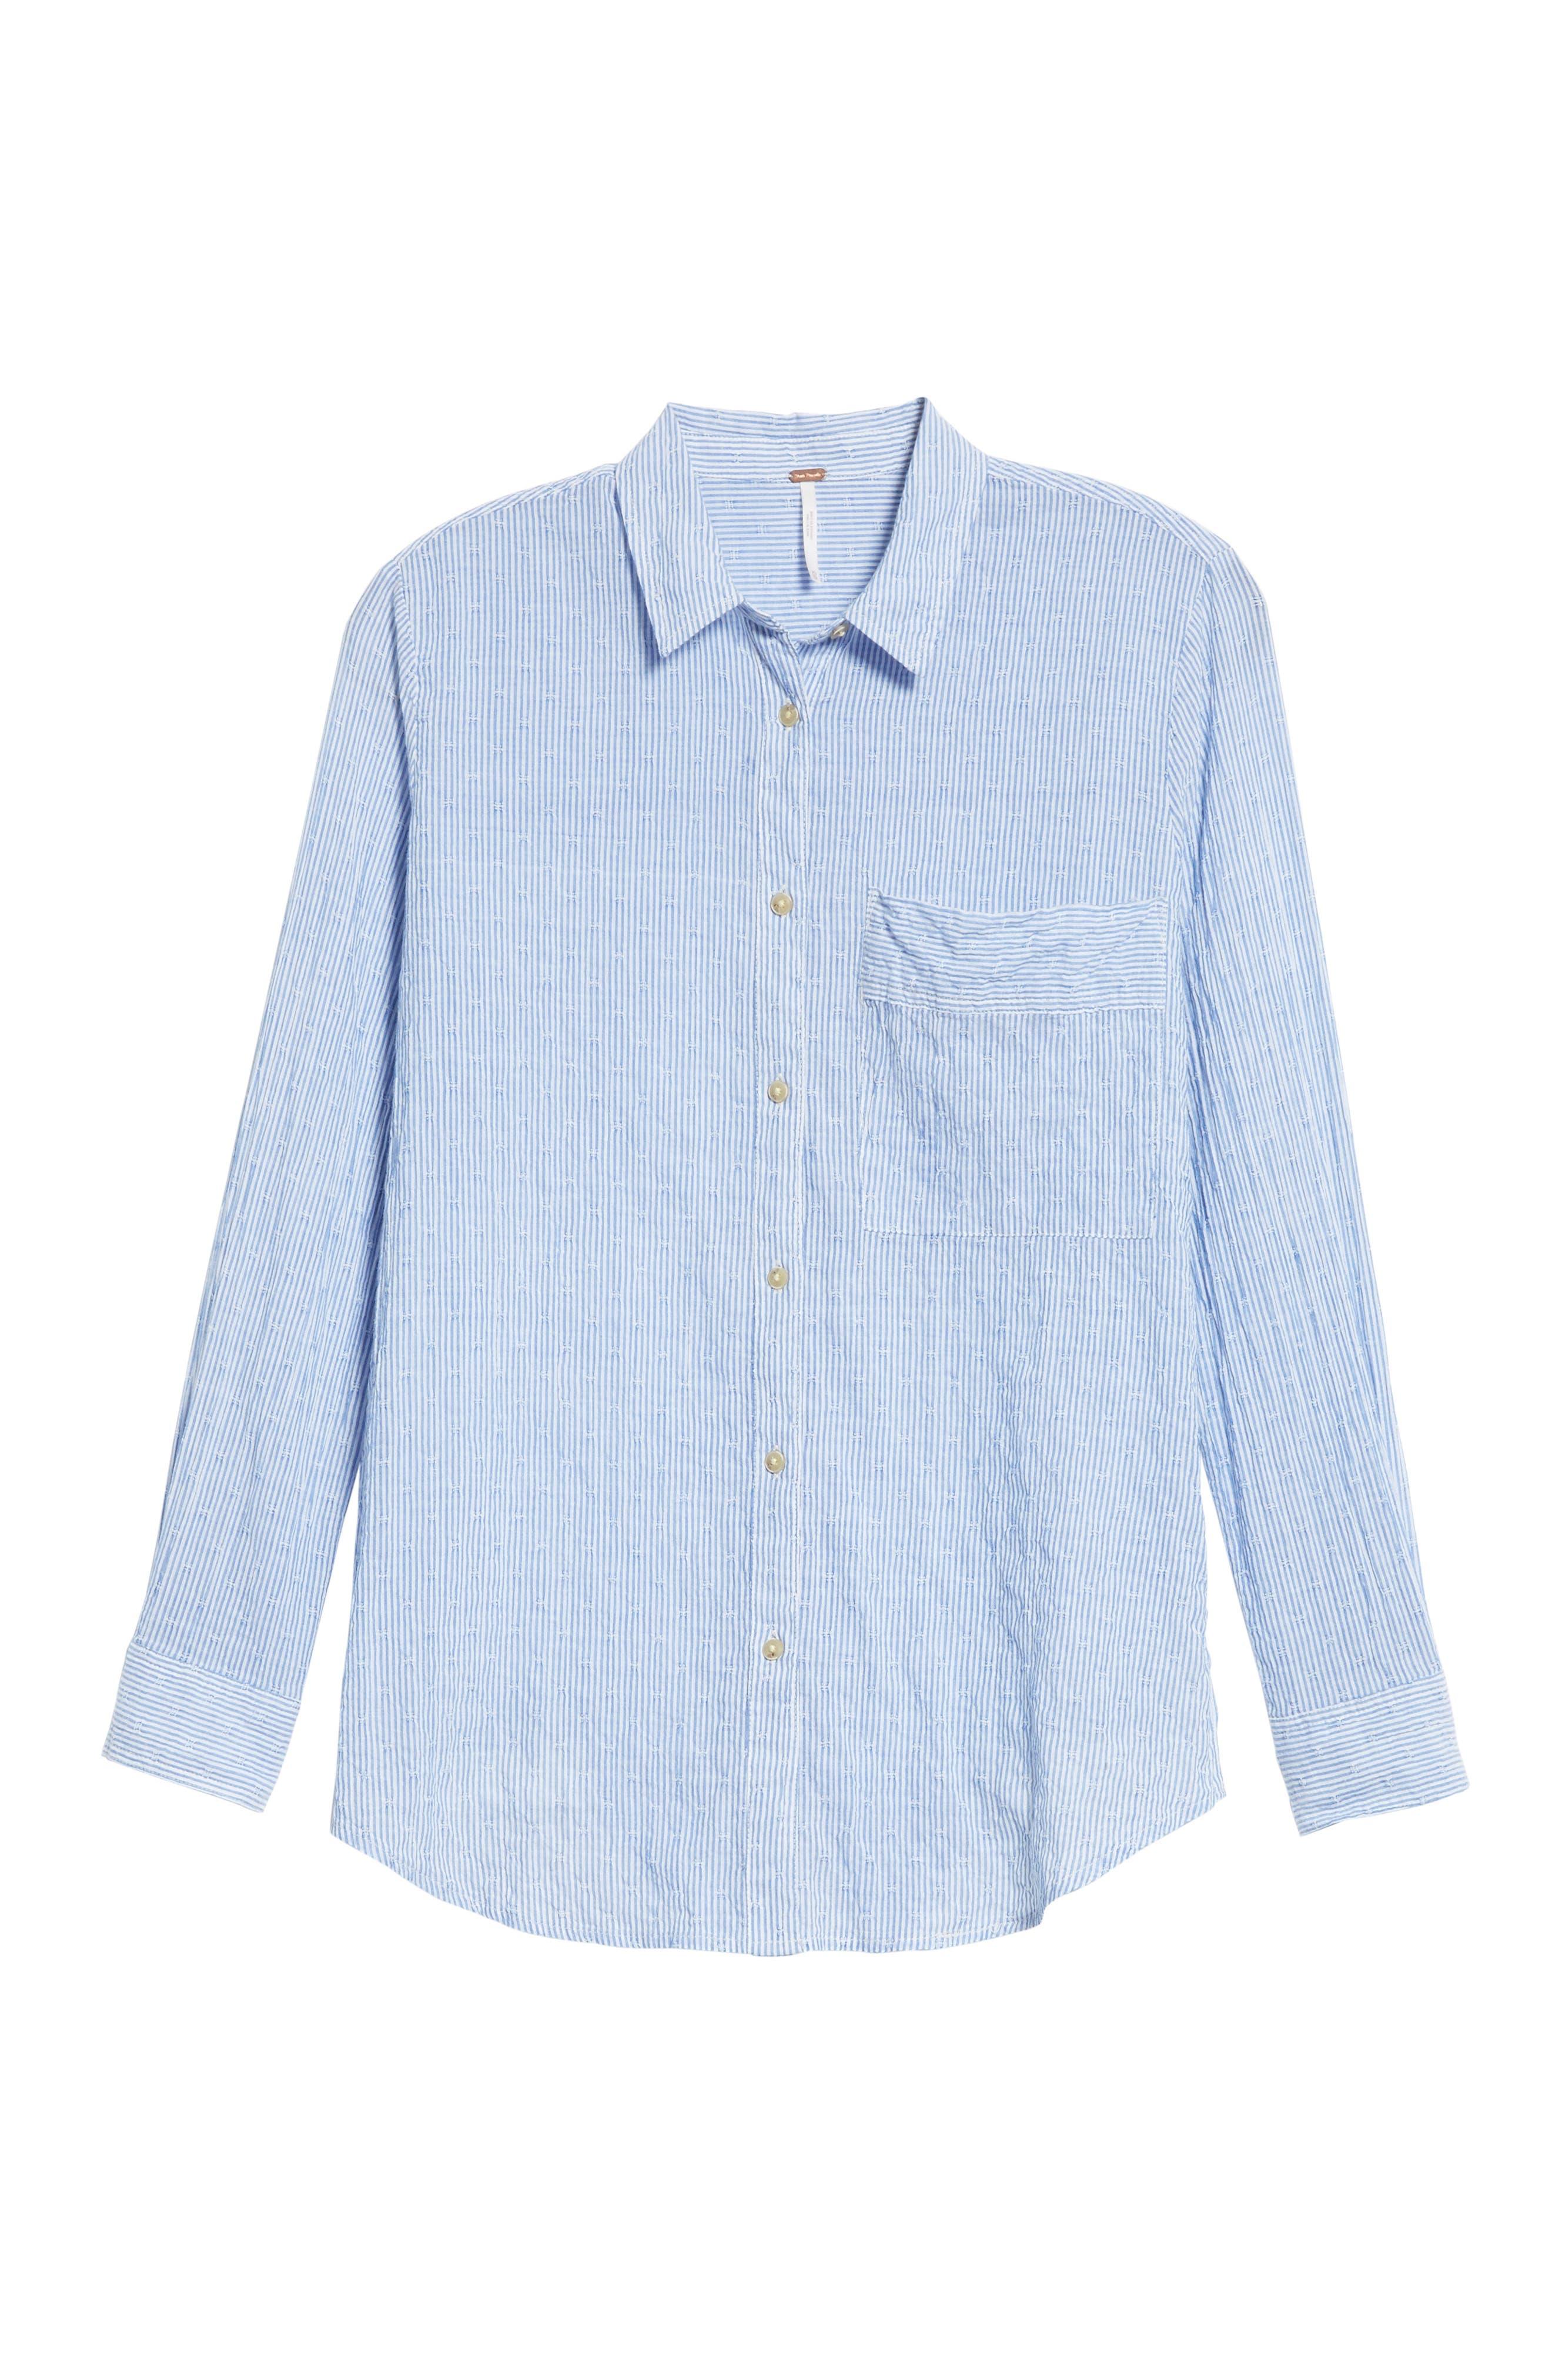 No Limits Stripe Stretch Cotton Shirt,                             Alternate thumbnail 6, color,                             Blue